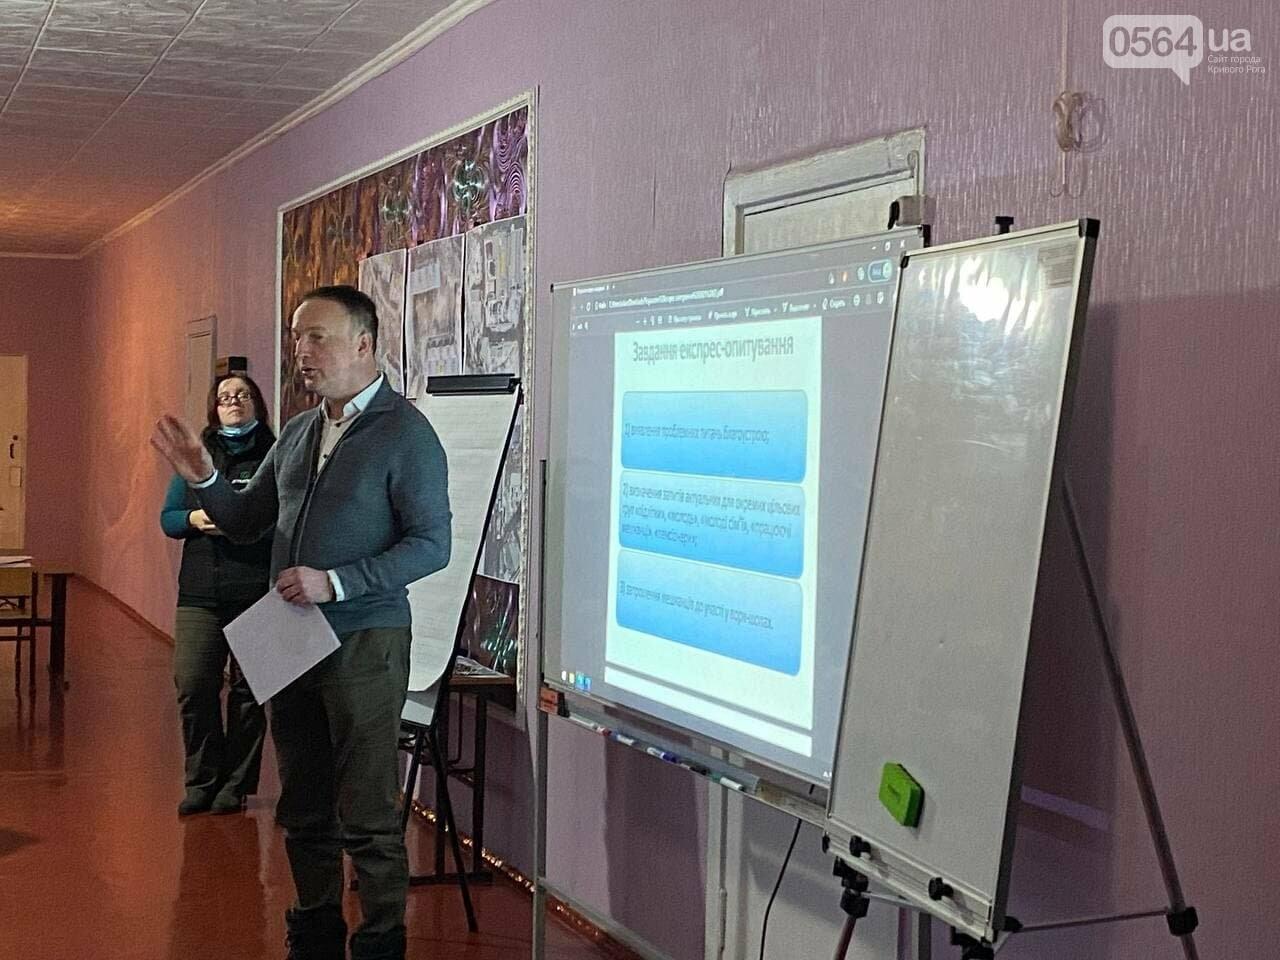 В Кривом Роге начались слушания по вопросу реализации проекта развития 4-го Заречного, - ФОТО, ВИДЕО, фото-1